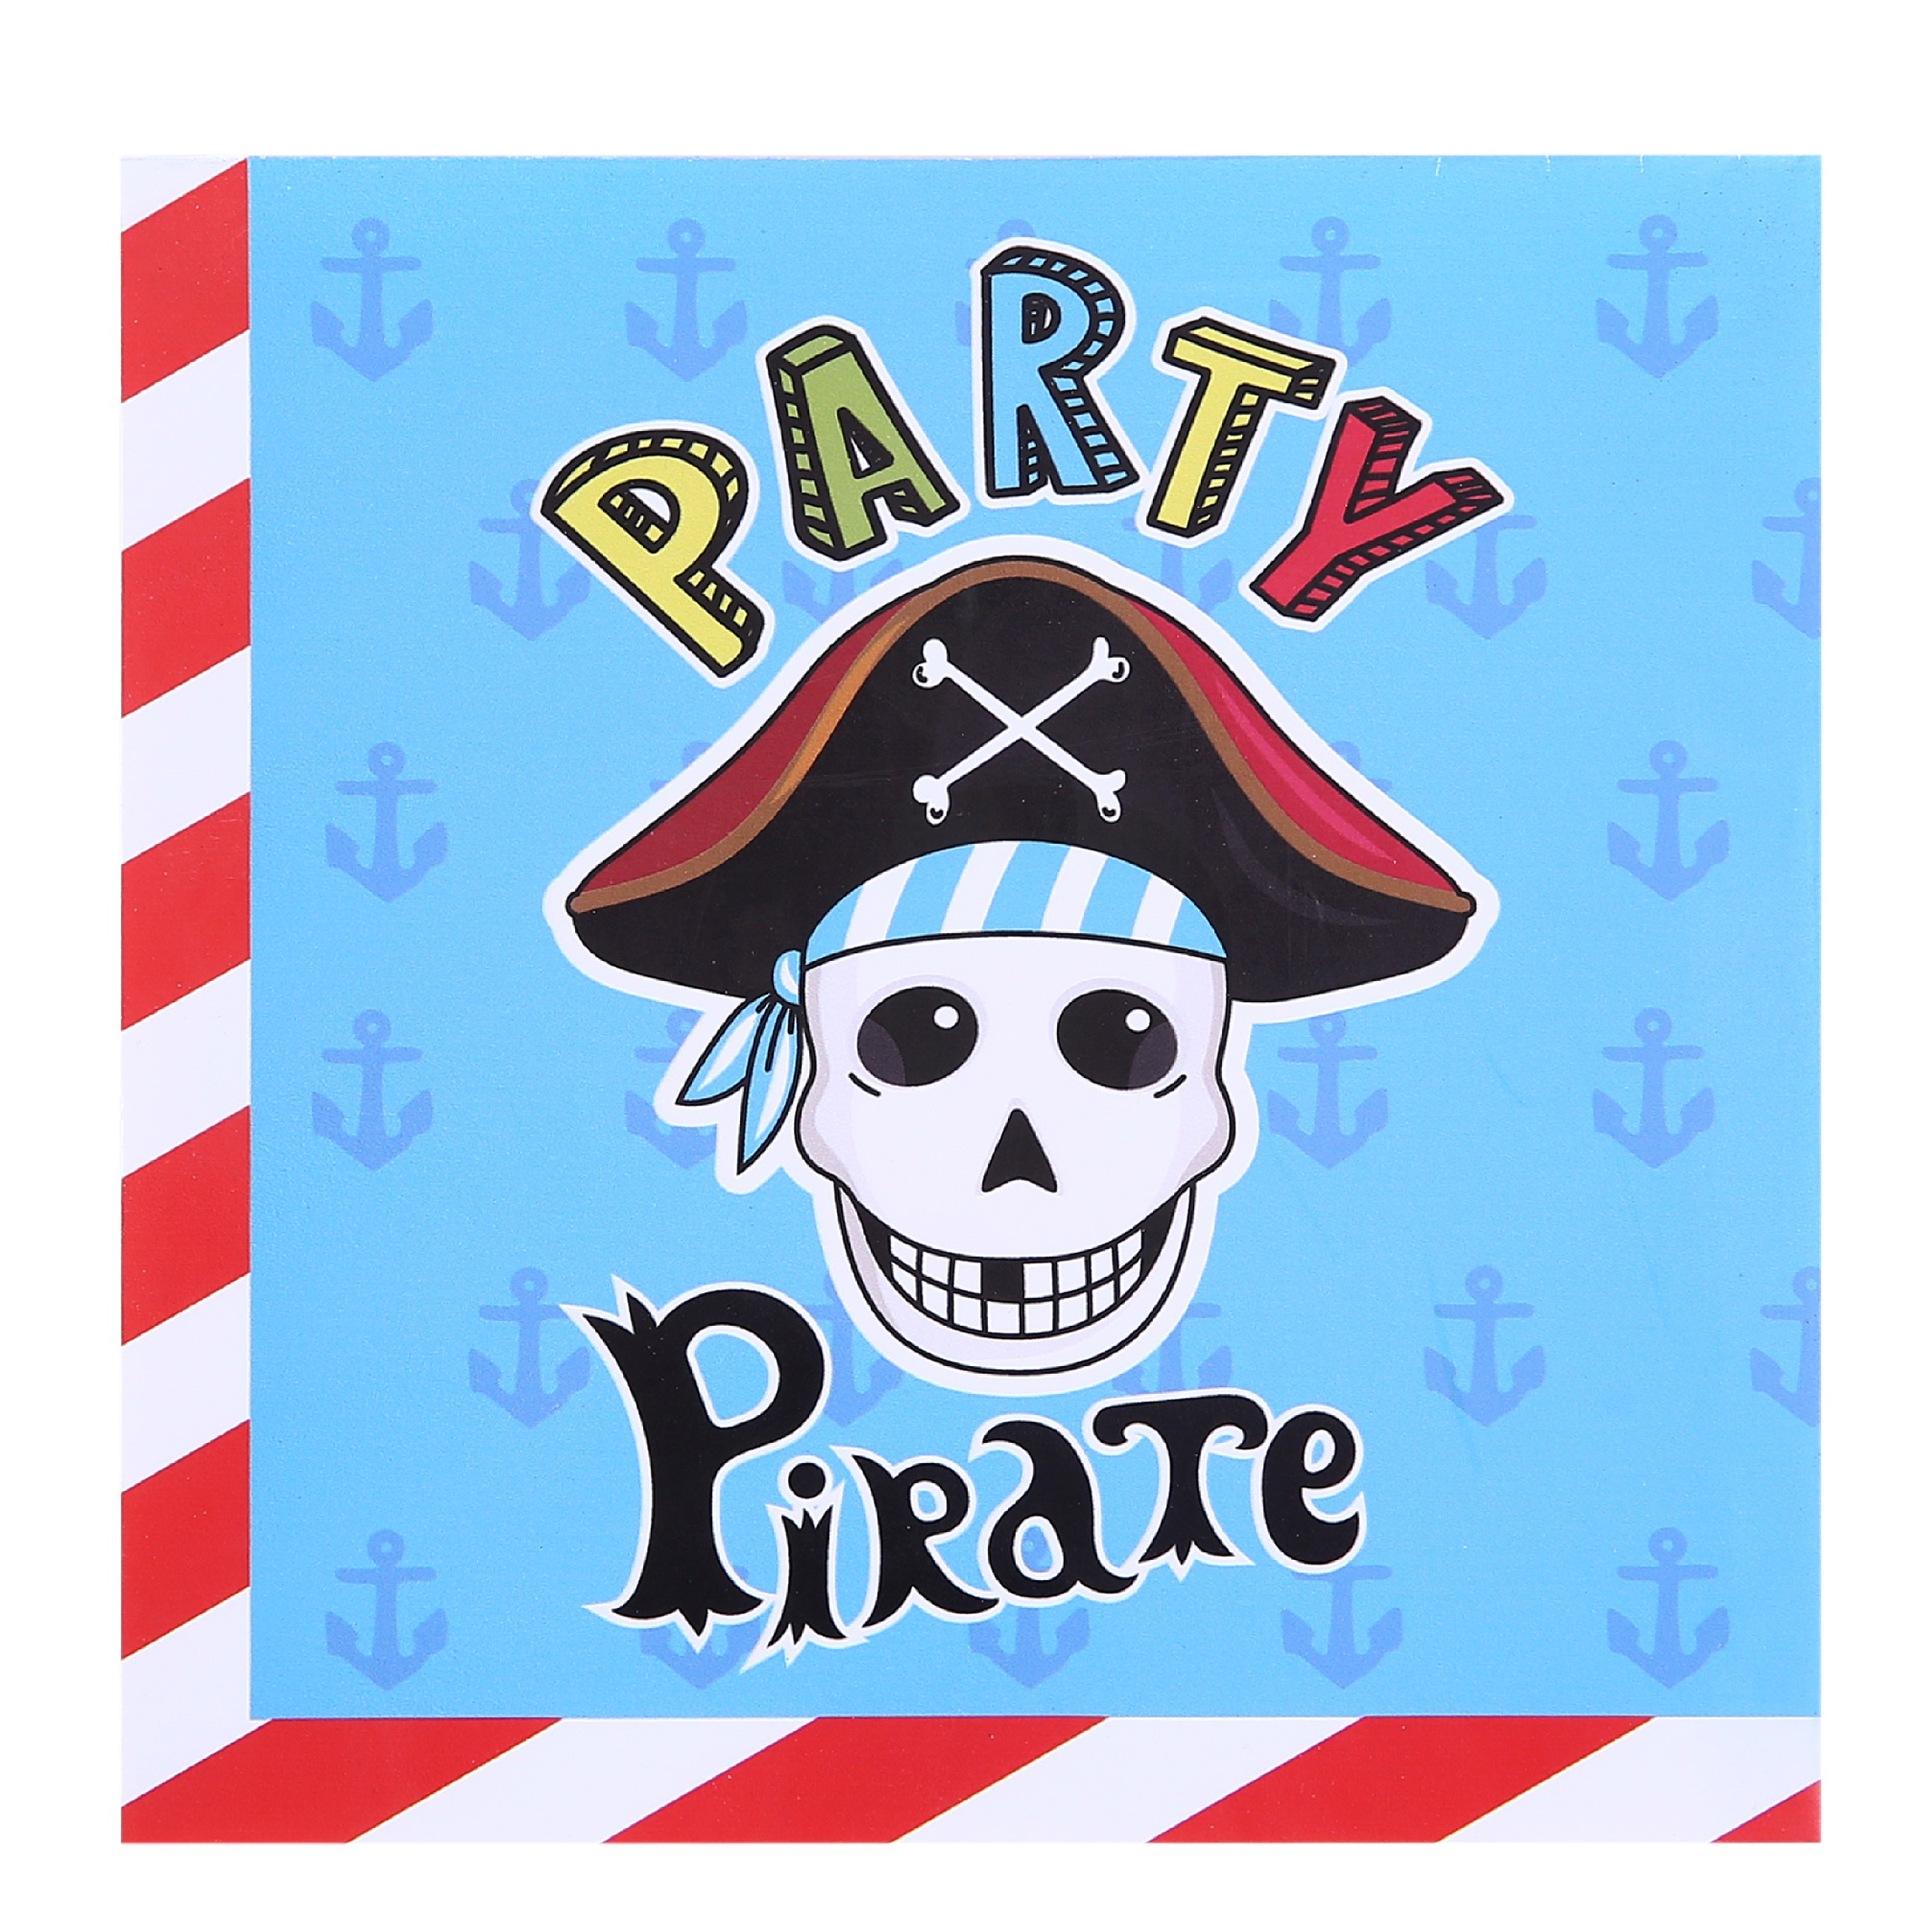 именно картинки пират пати сразу